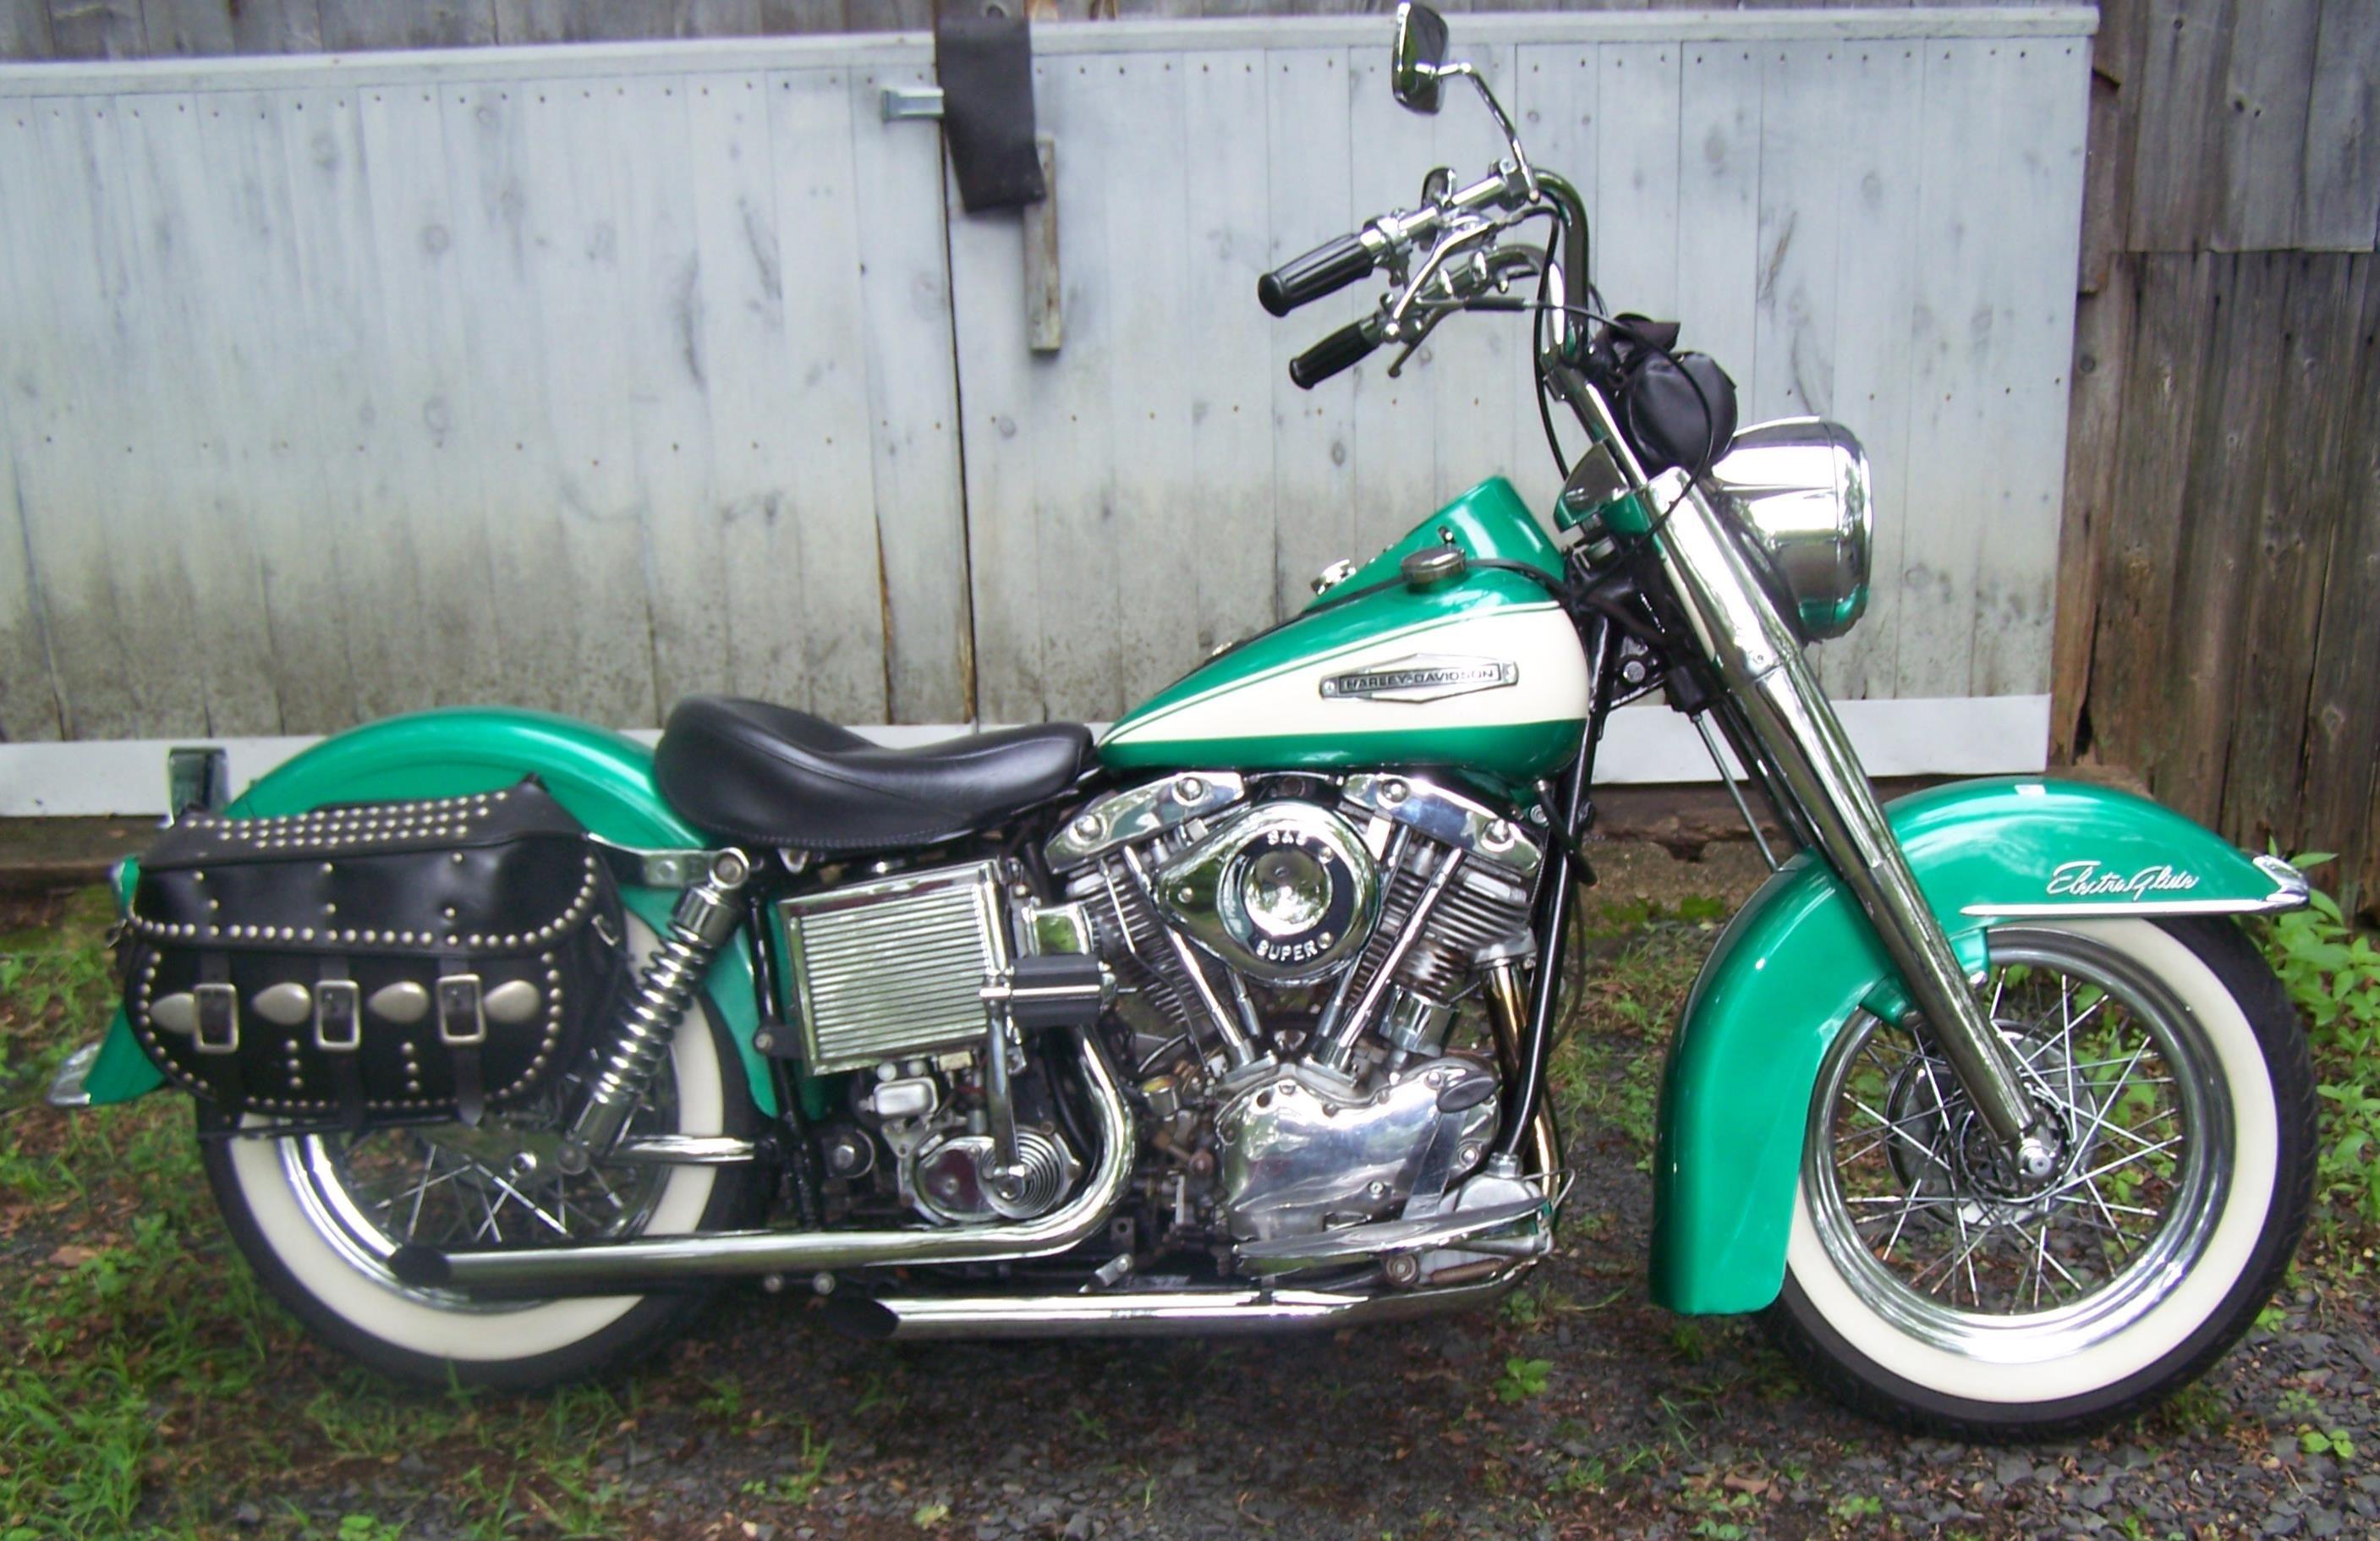 1966 Harley Davidson FLH shovelhead | Some of our